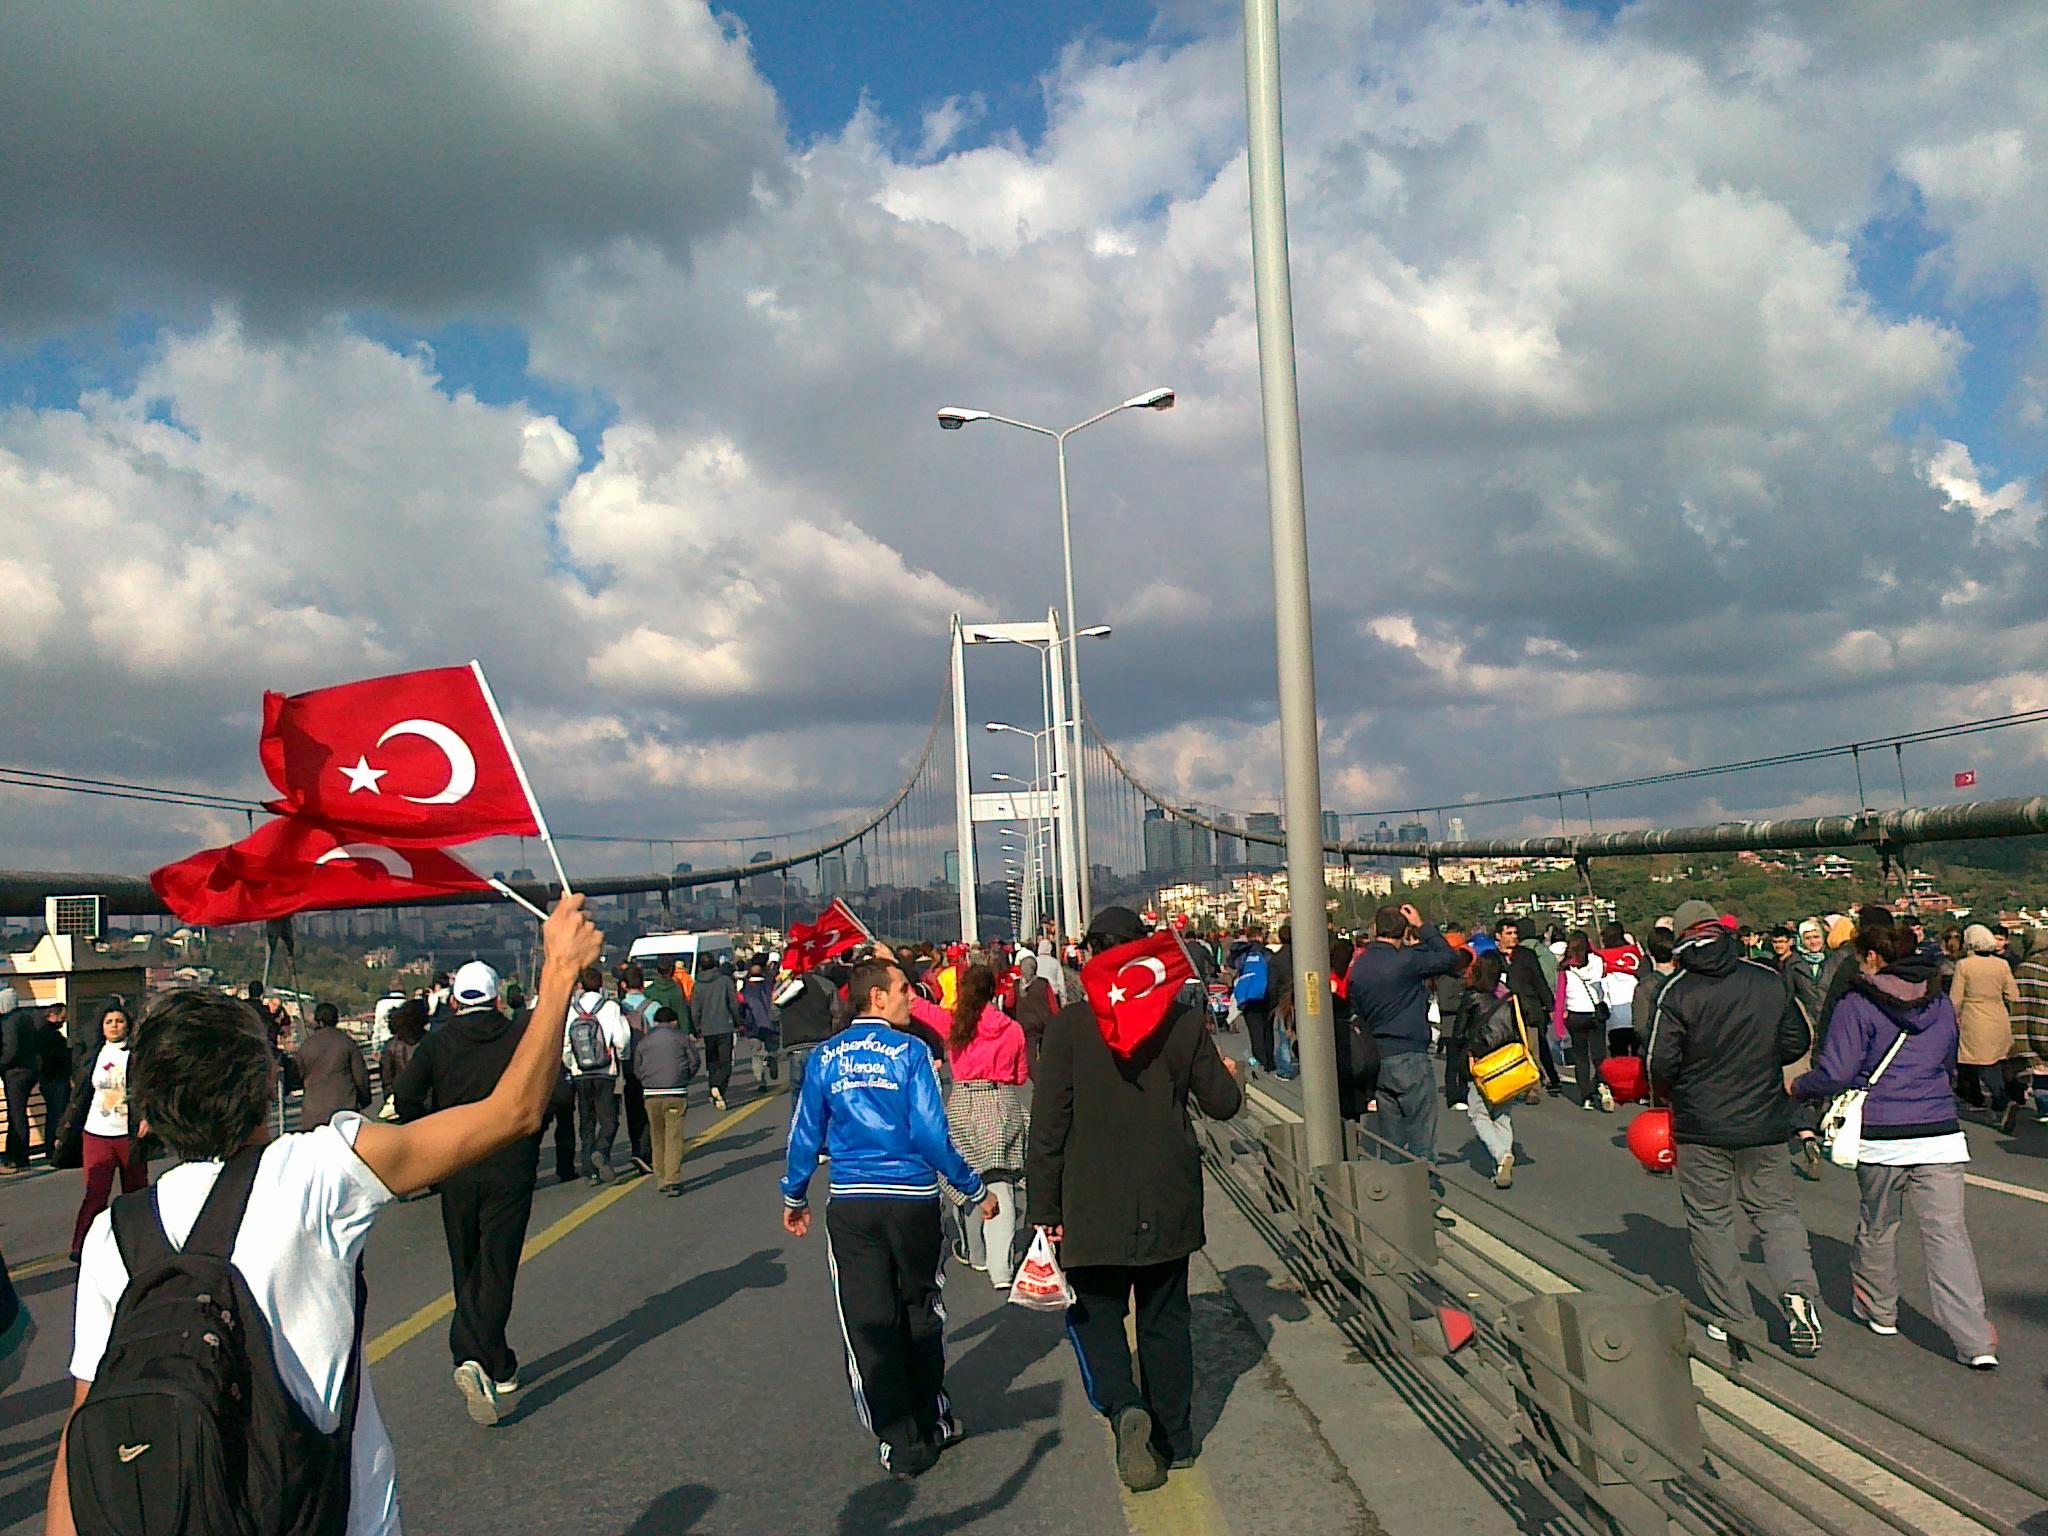 kuvituskuva, ihmiset sillalla Turkin lippujen kanssa